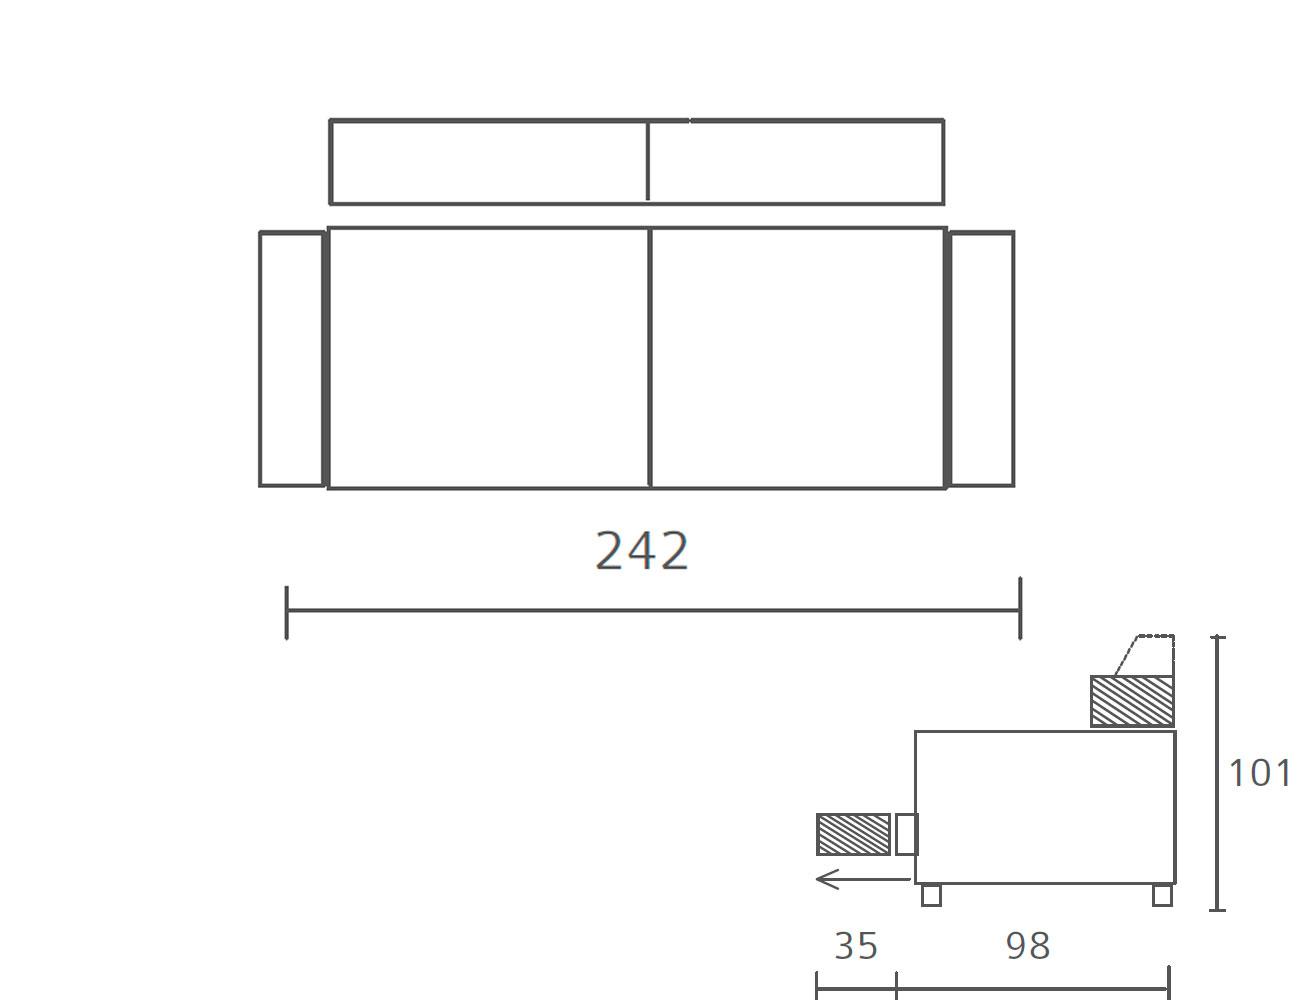 Sofa 2422